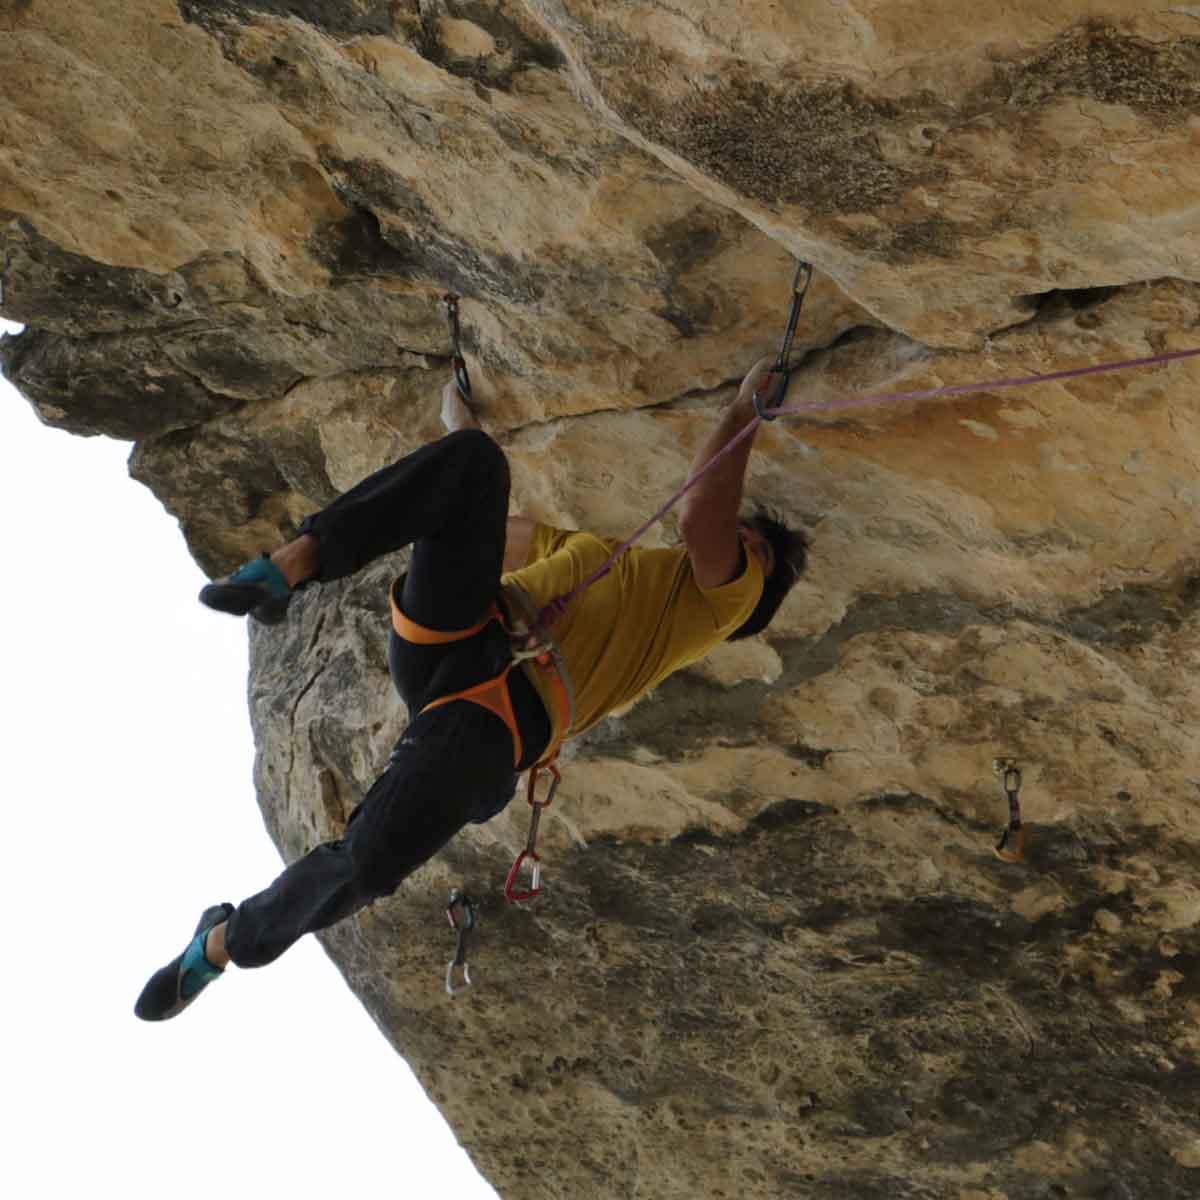 escalador suspendido por un arnés en una montaña